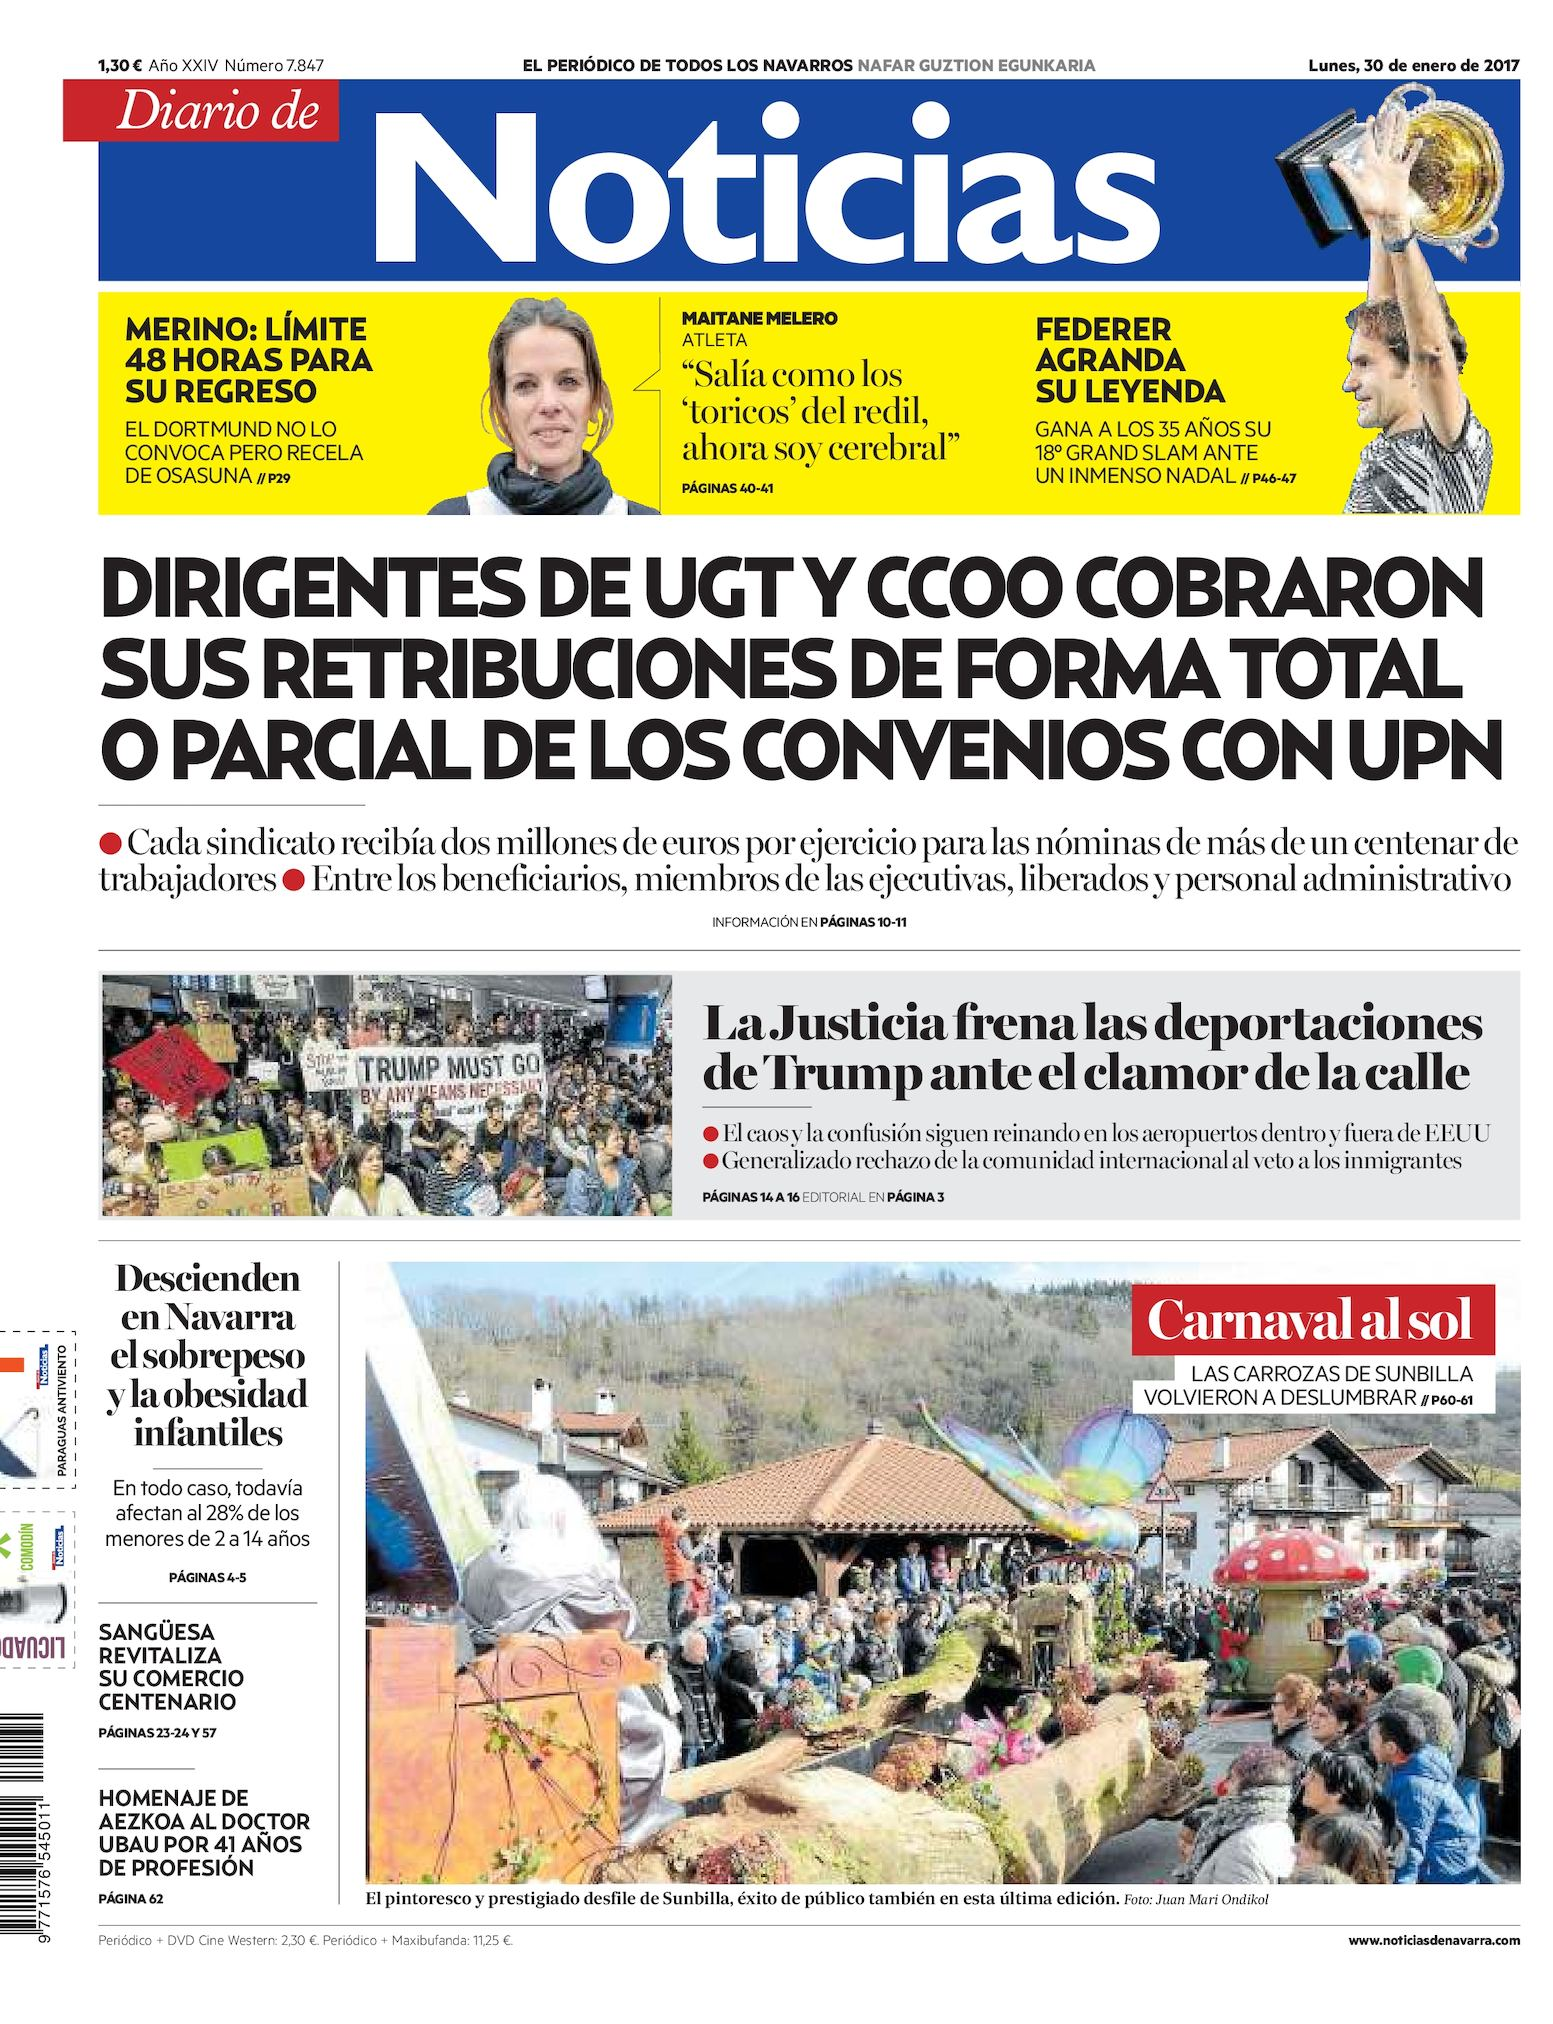 Calaméo - Diario de Noticias 20170130 7817afe4f5a